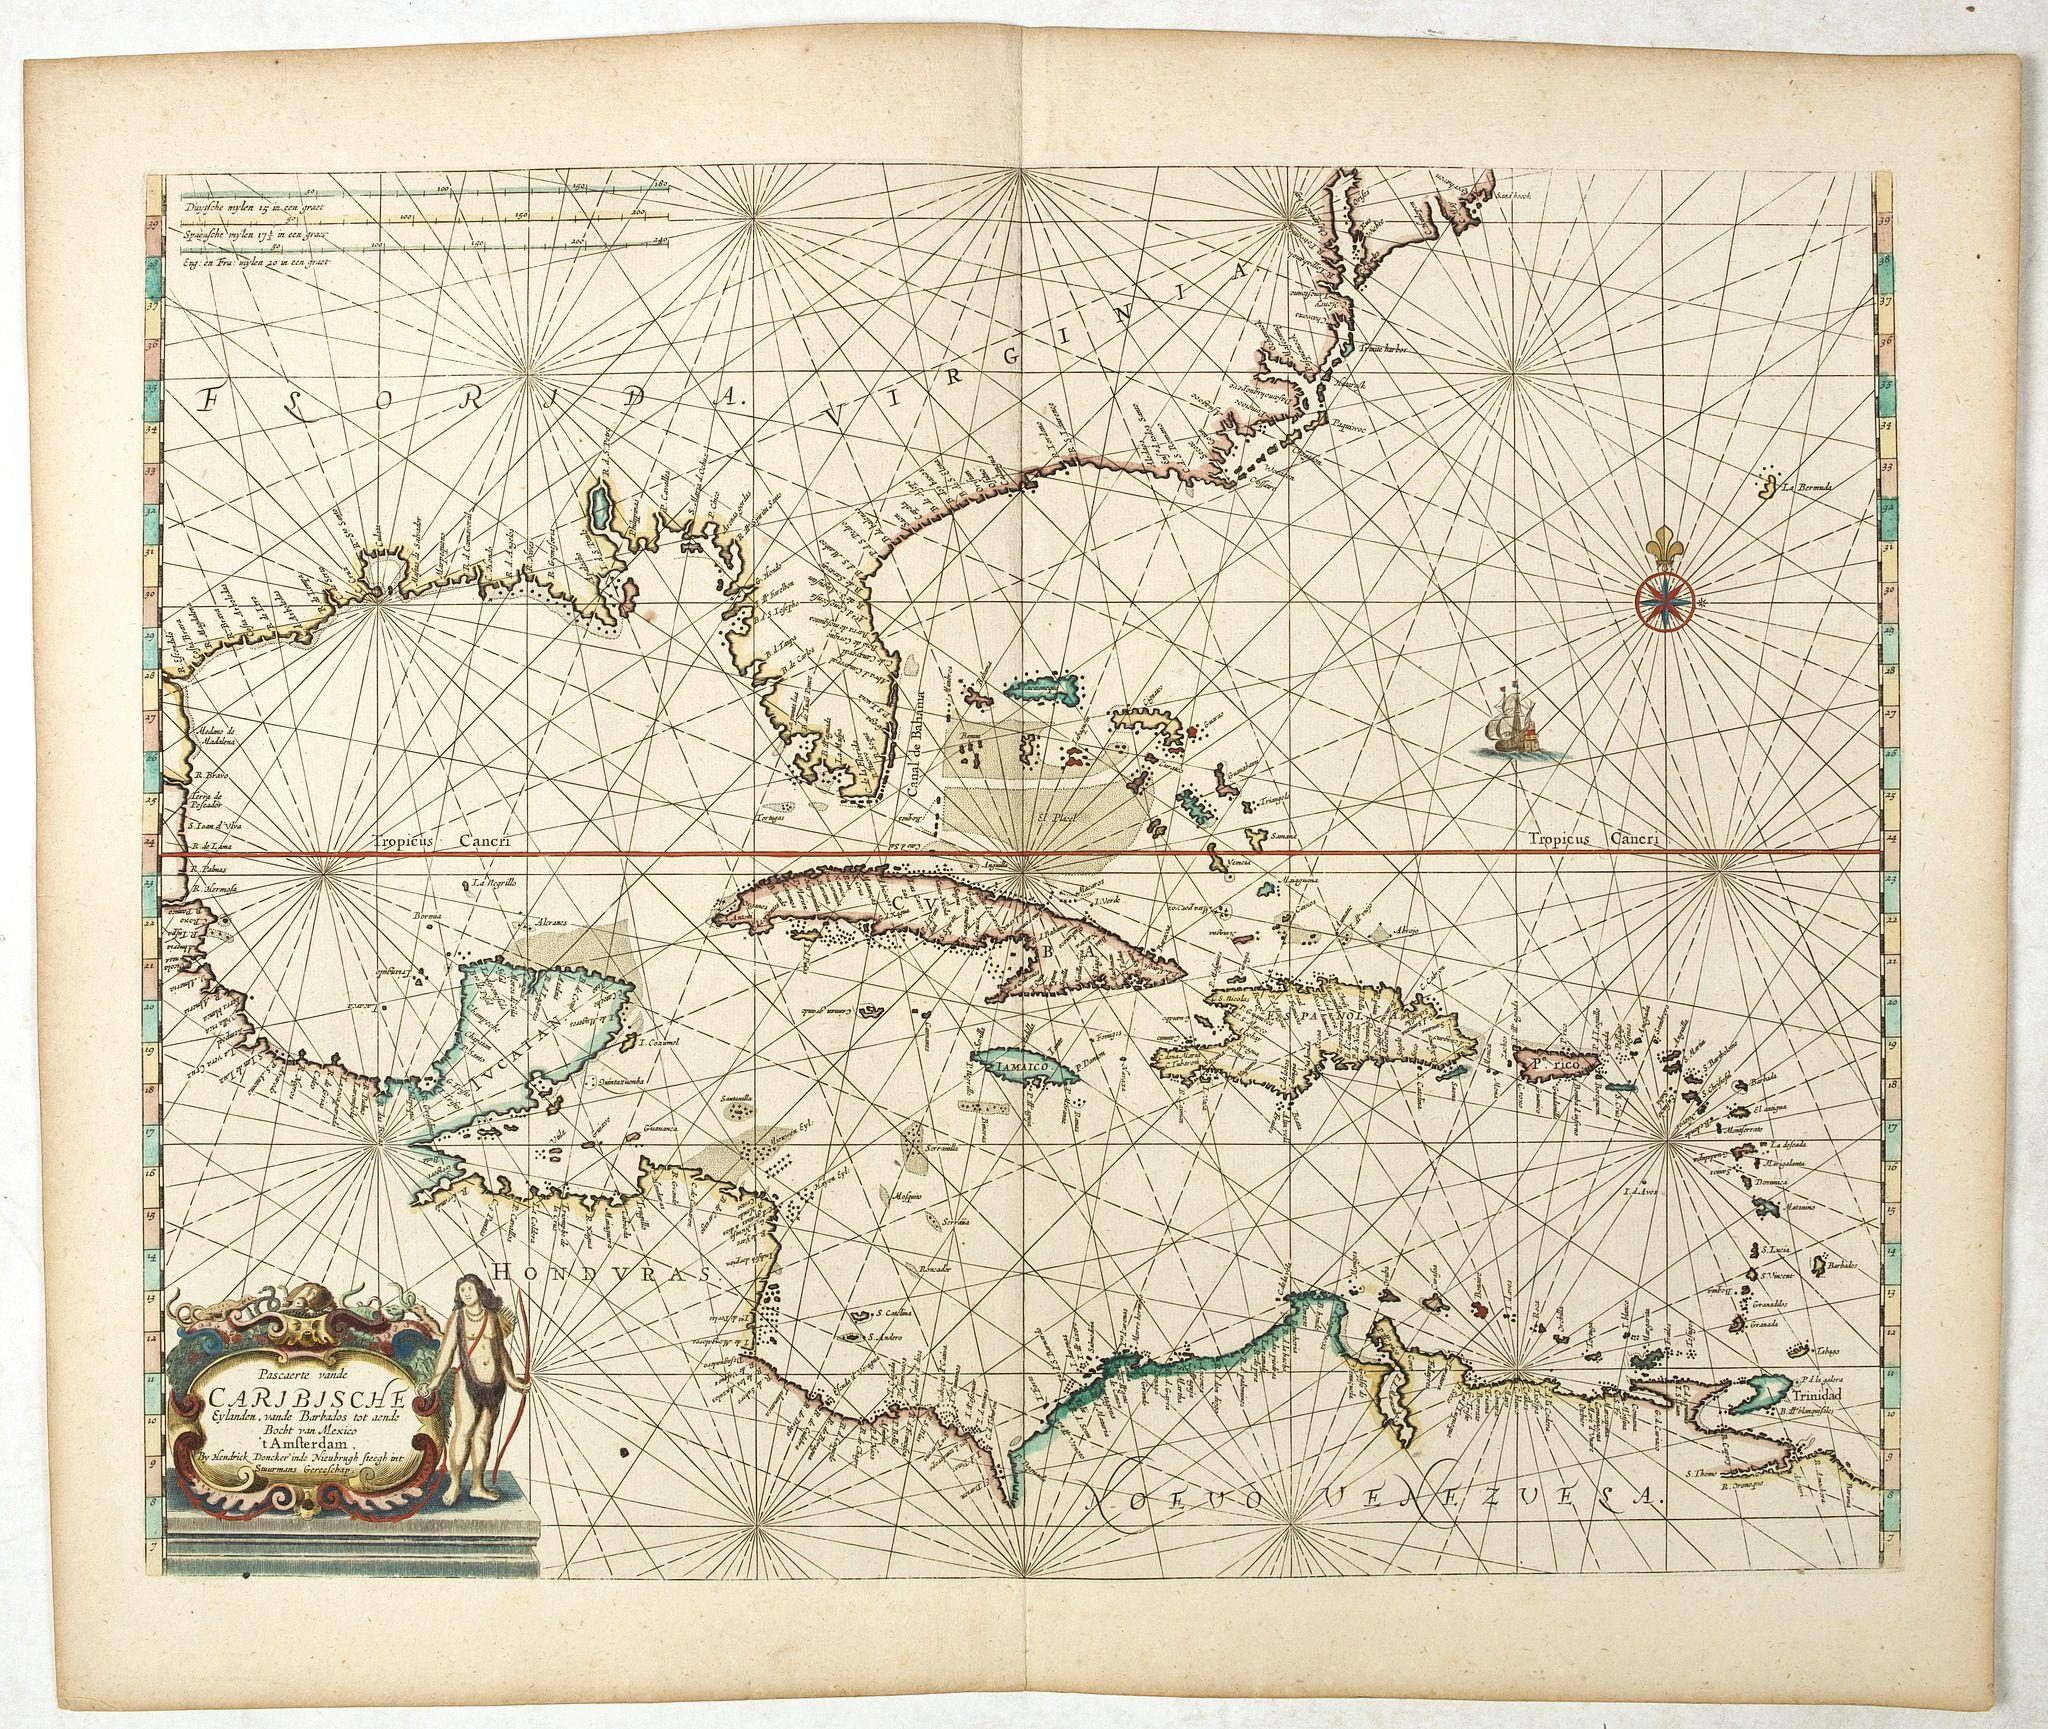 DONCKER, H. -  Pascaerte vande Caribische Eylanden, vande Barbados tot aende Bocht van Mexico 't Amsterdam By Hendrick Doncker. . .